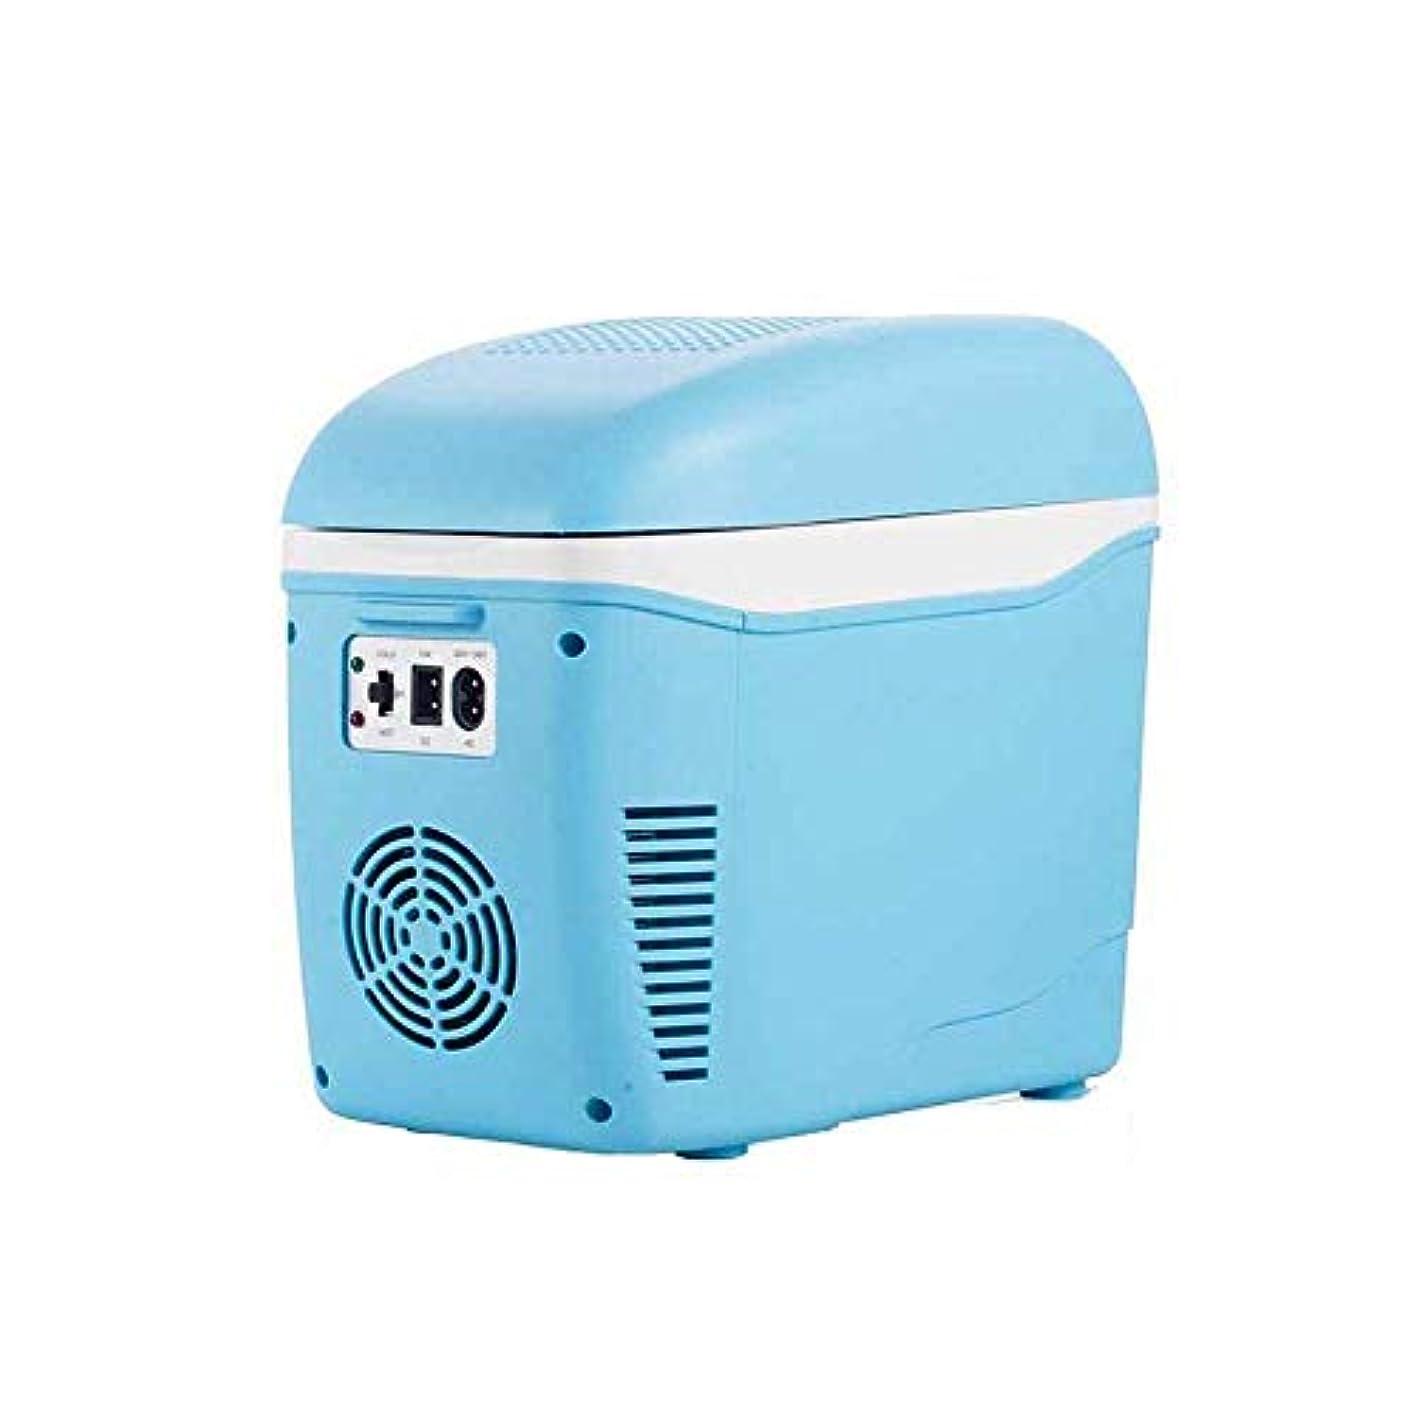 次優雅な電極ポータブル7.5L車のミニ冷蔵庫タイプの電気クーラーヒーター車冷蔵庫冷凍庫ウォーマー[エネルギークラスA ++]